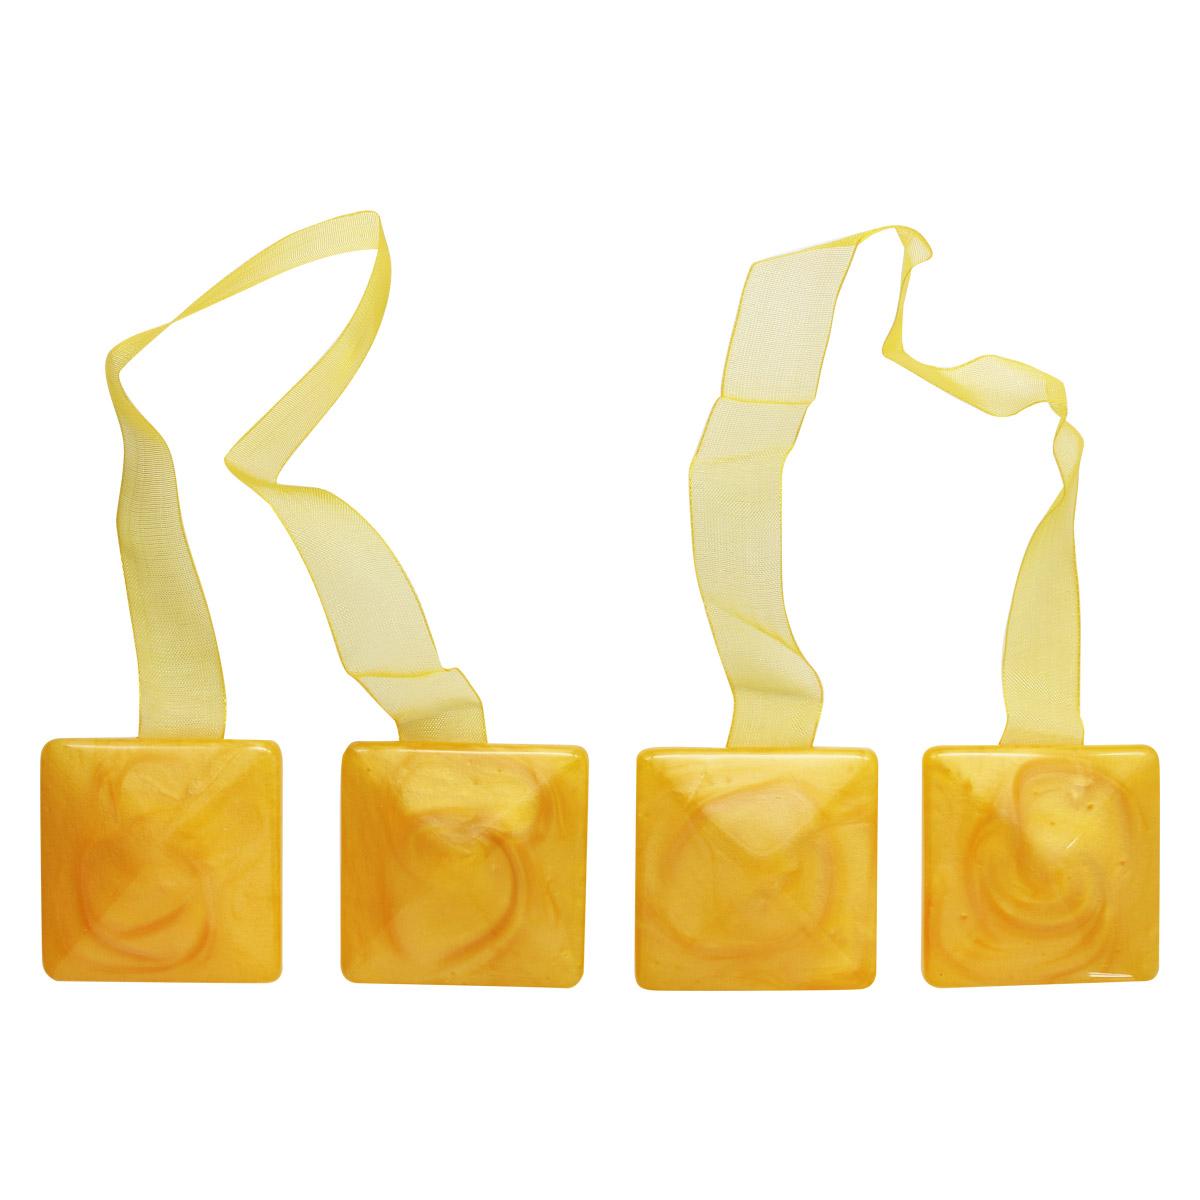 Клипса-магнит PA083 для штор1 (2 желтый)